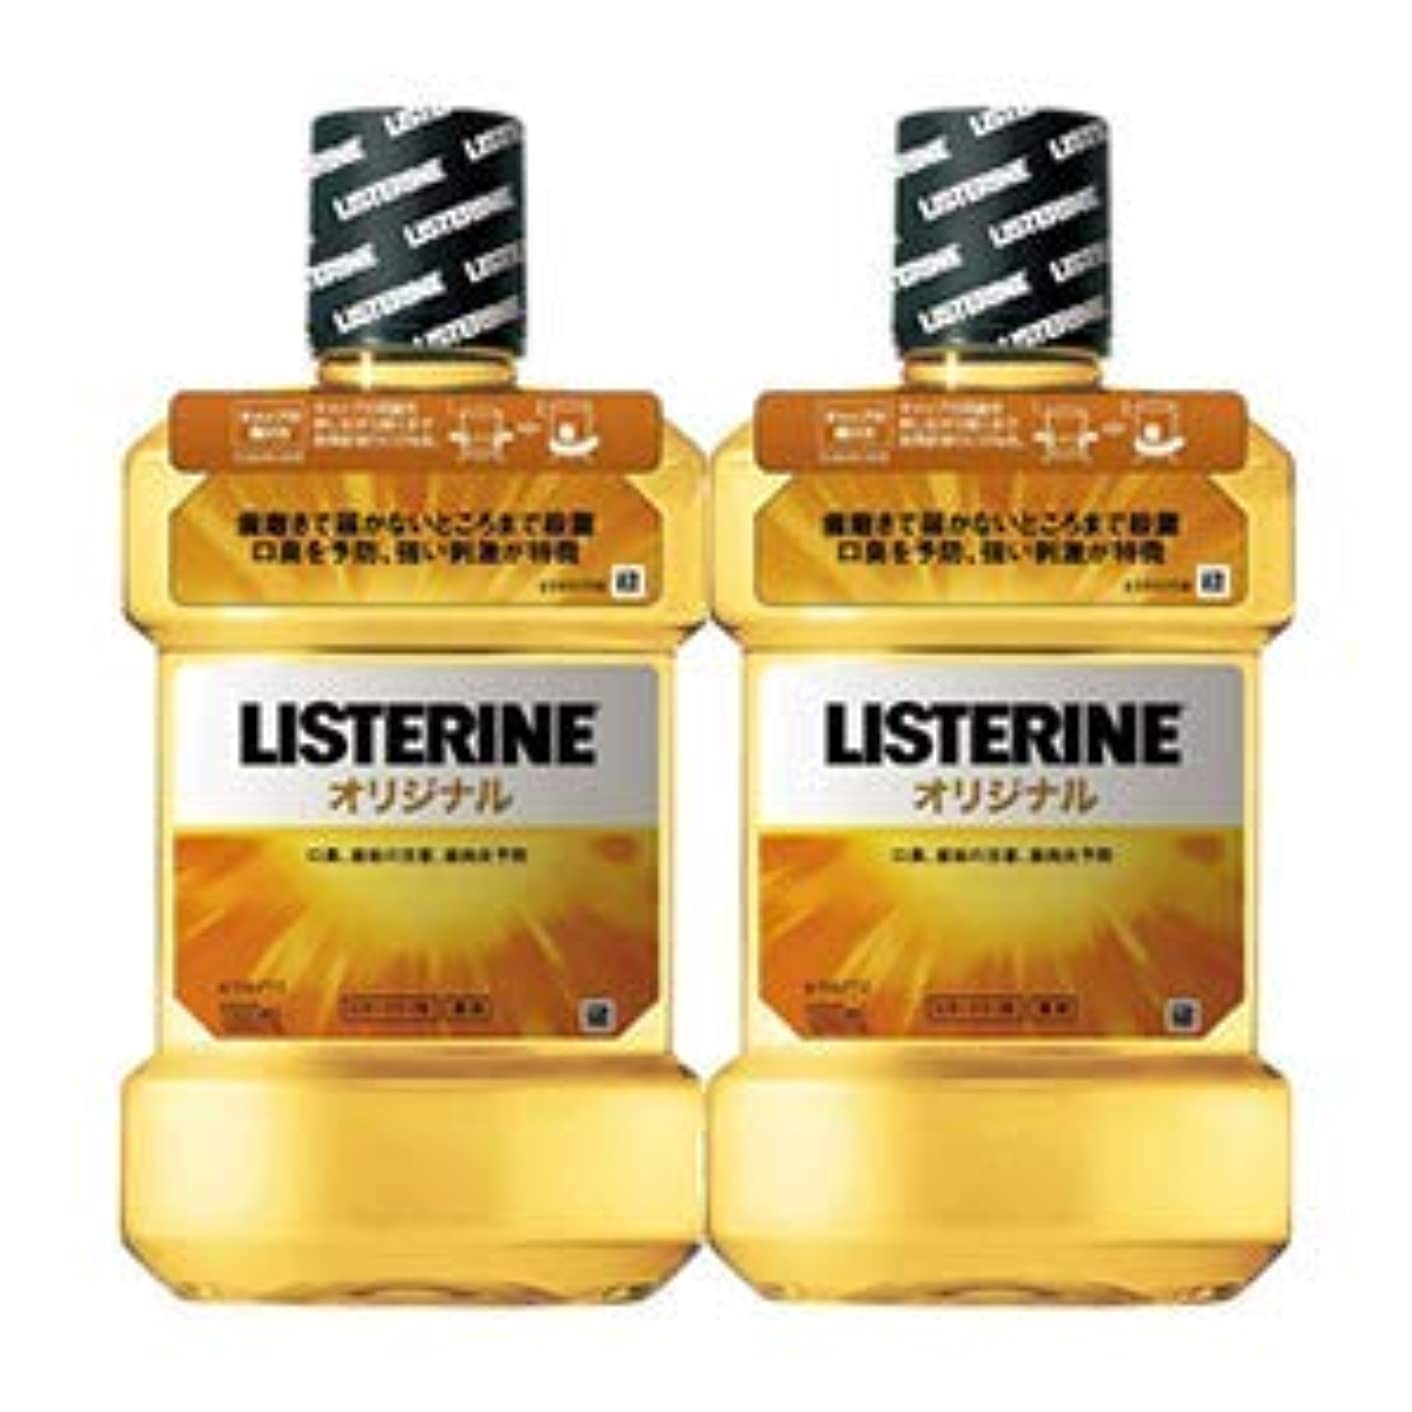 シチリア噴火競争力のある薬用リステリン オリジナル (マウスウォッシュ/洗口液) 1000mL×2本セット